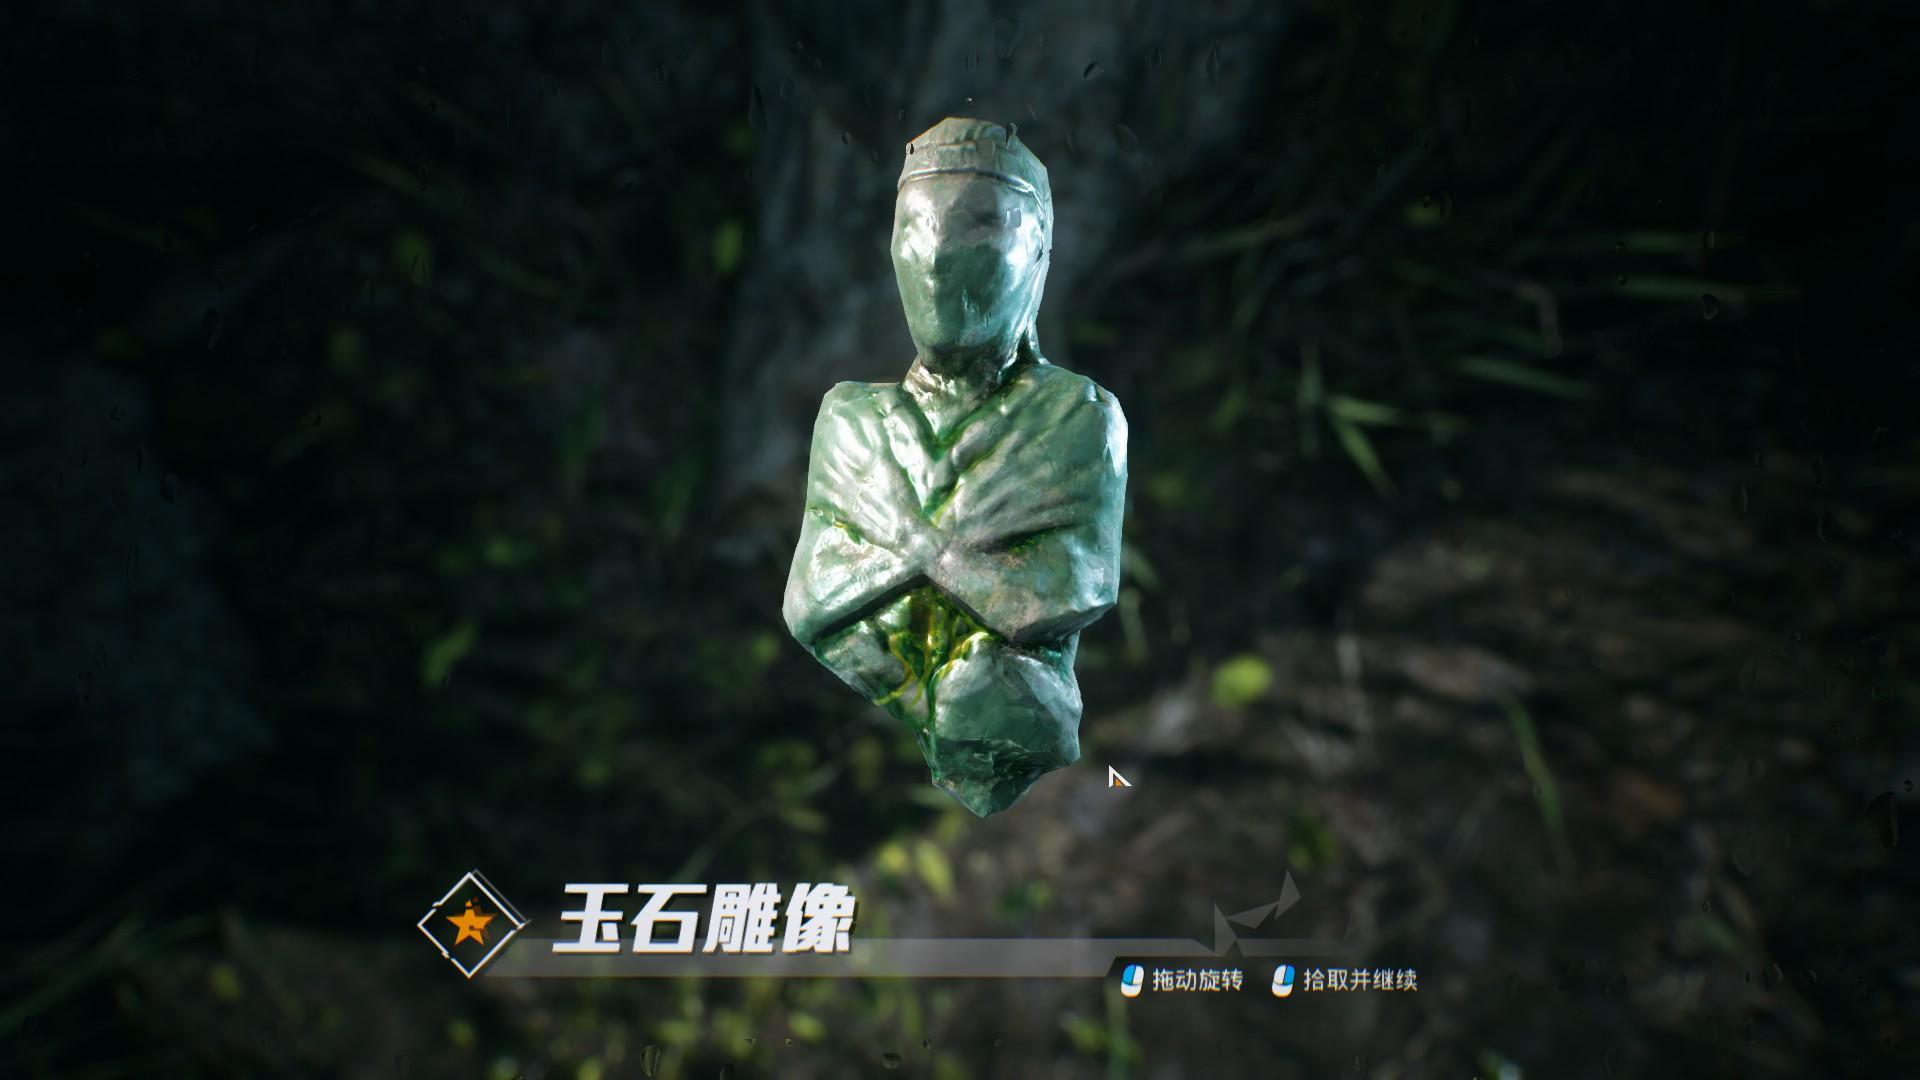 《光明记忆》玉石雕像收集攻略